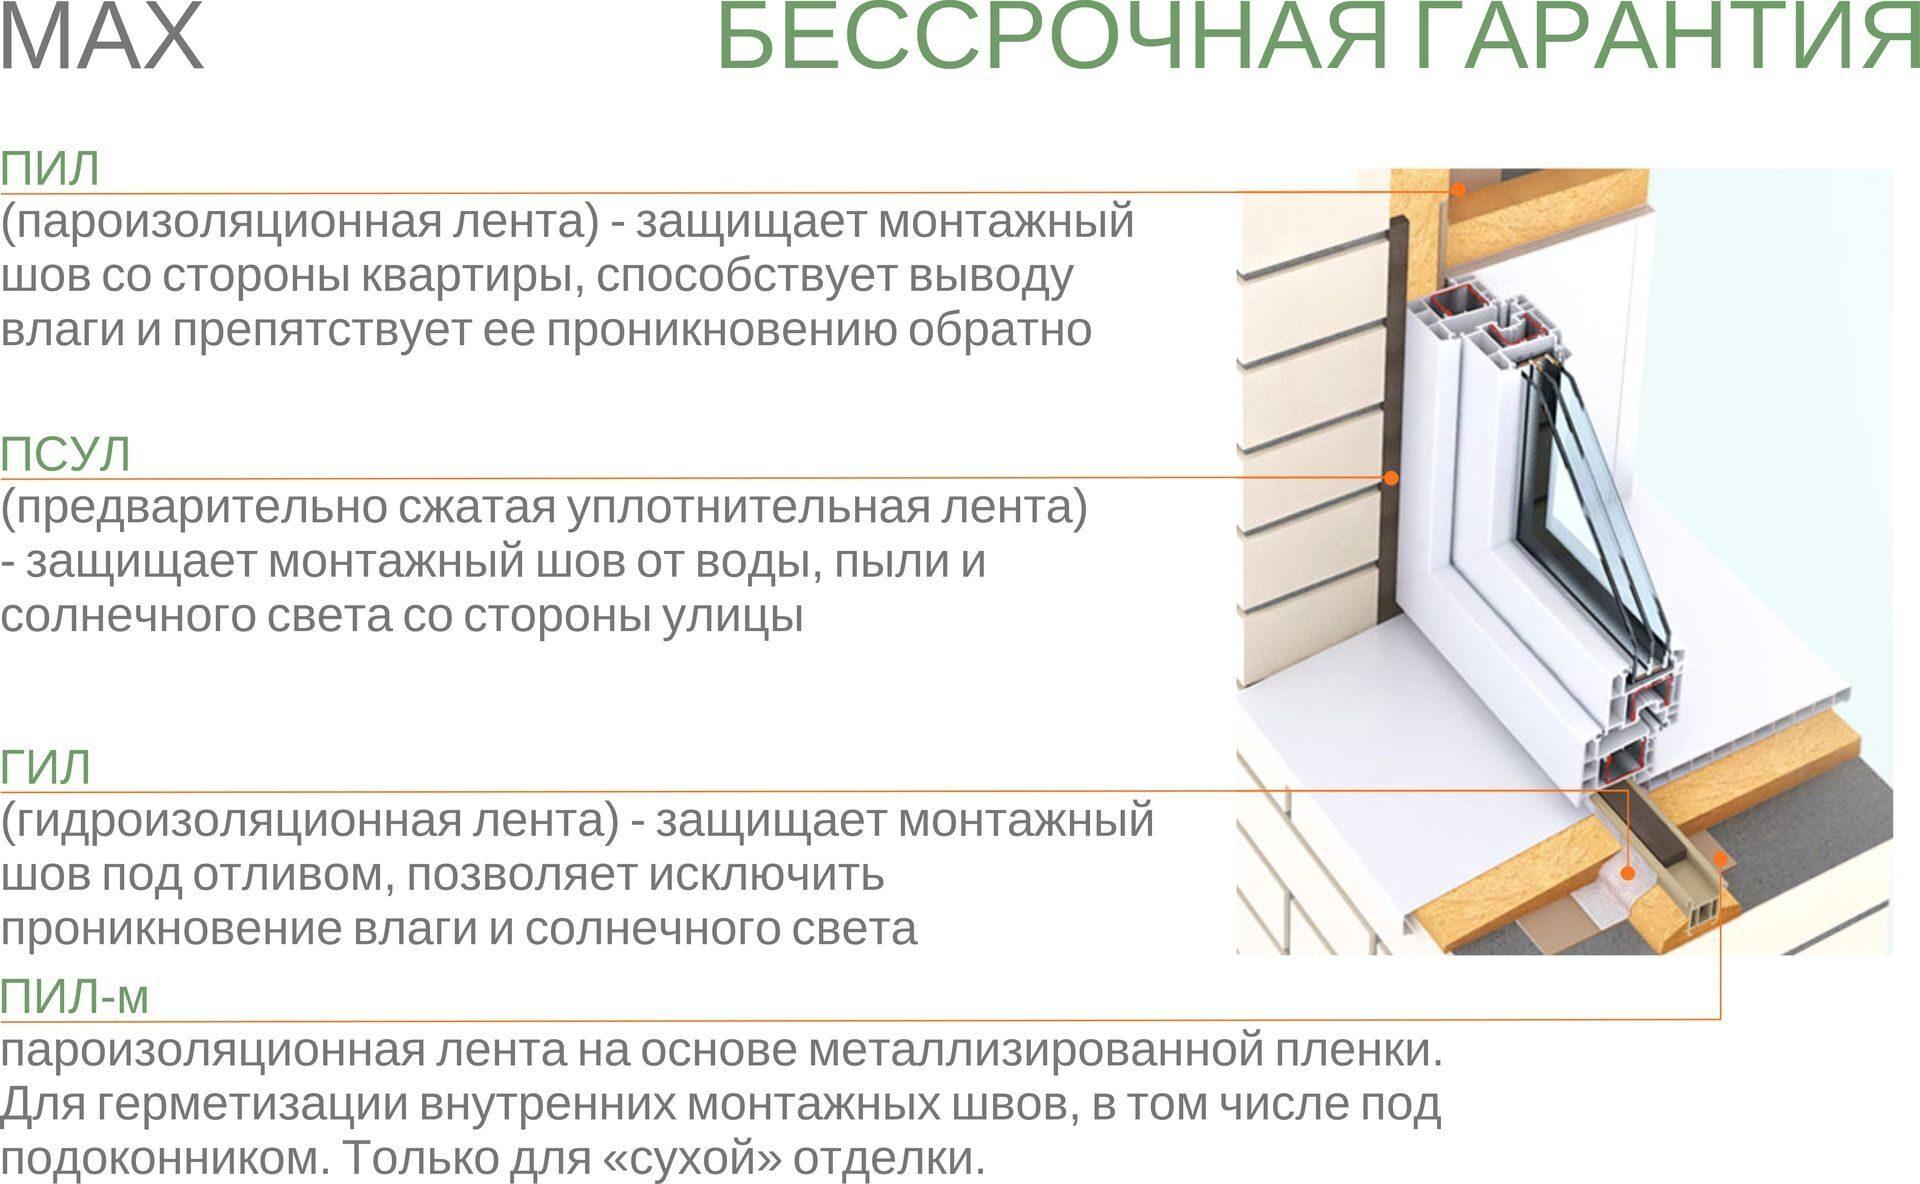 Установка пластиковых окон на лоджии: пошаговый монтаж 99